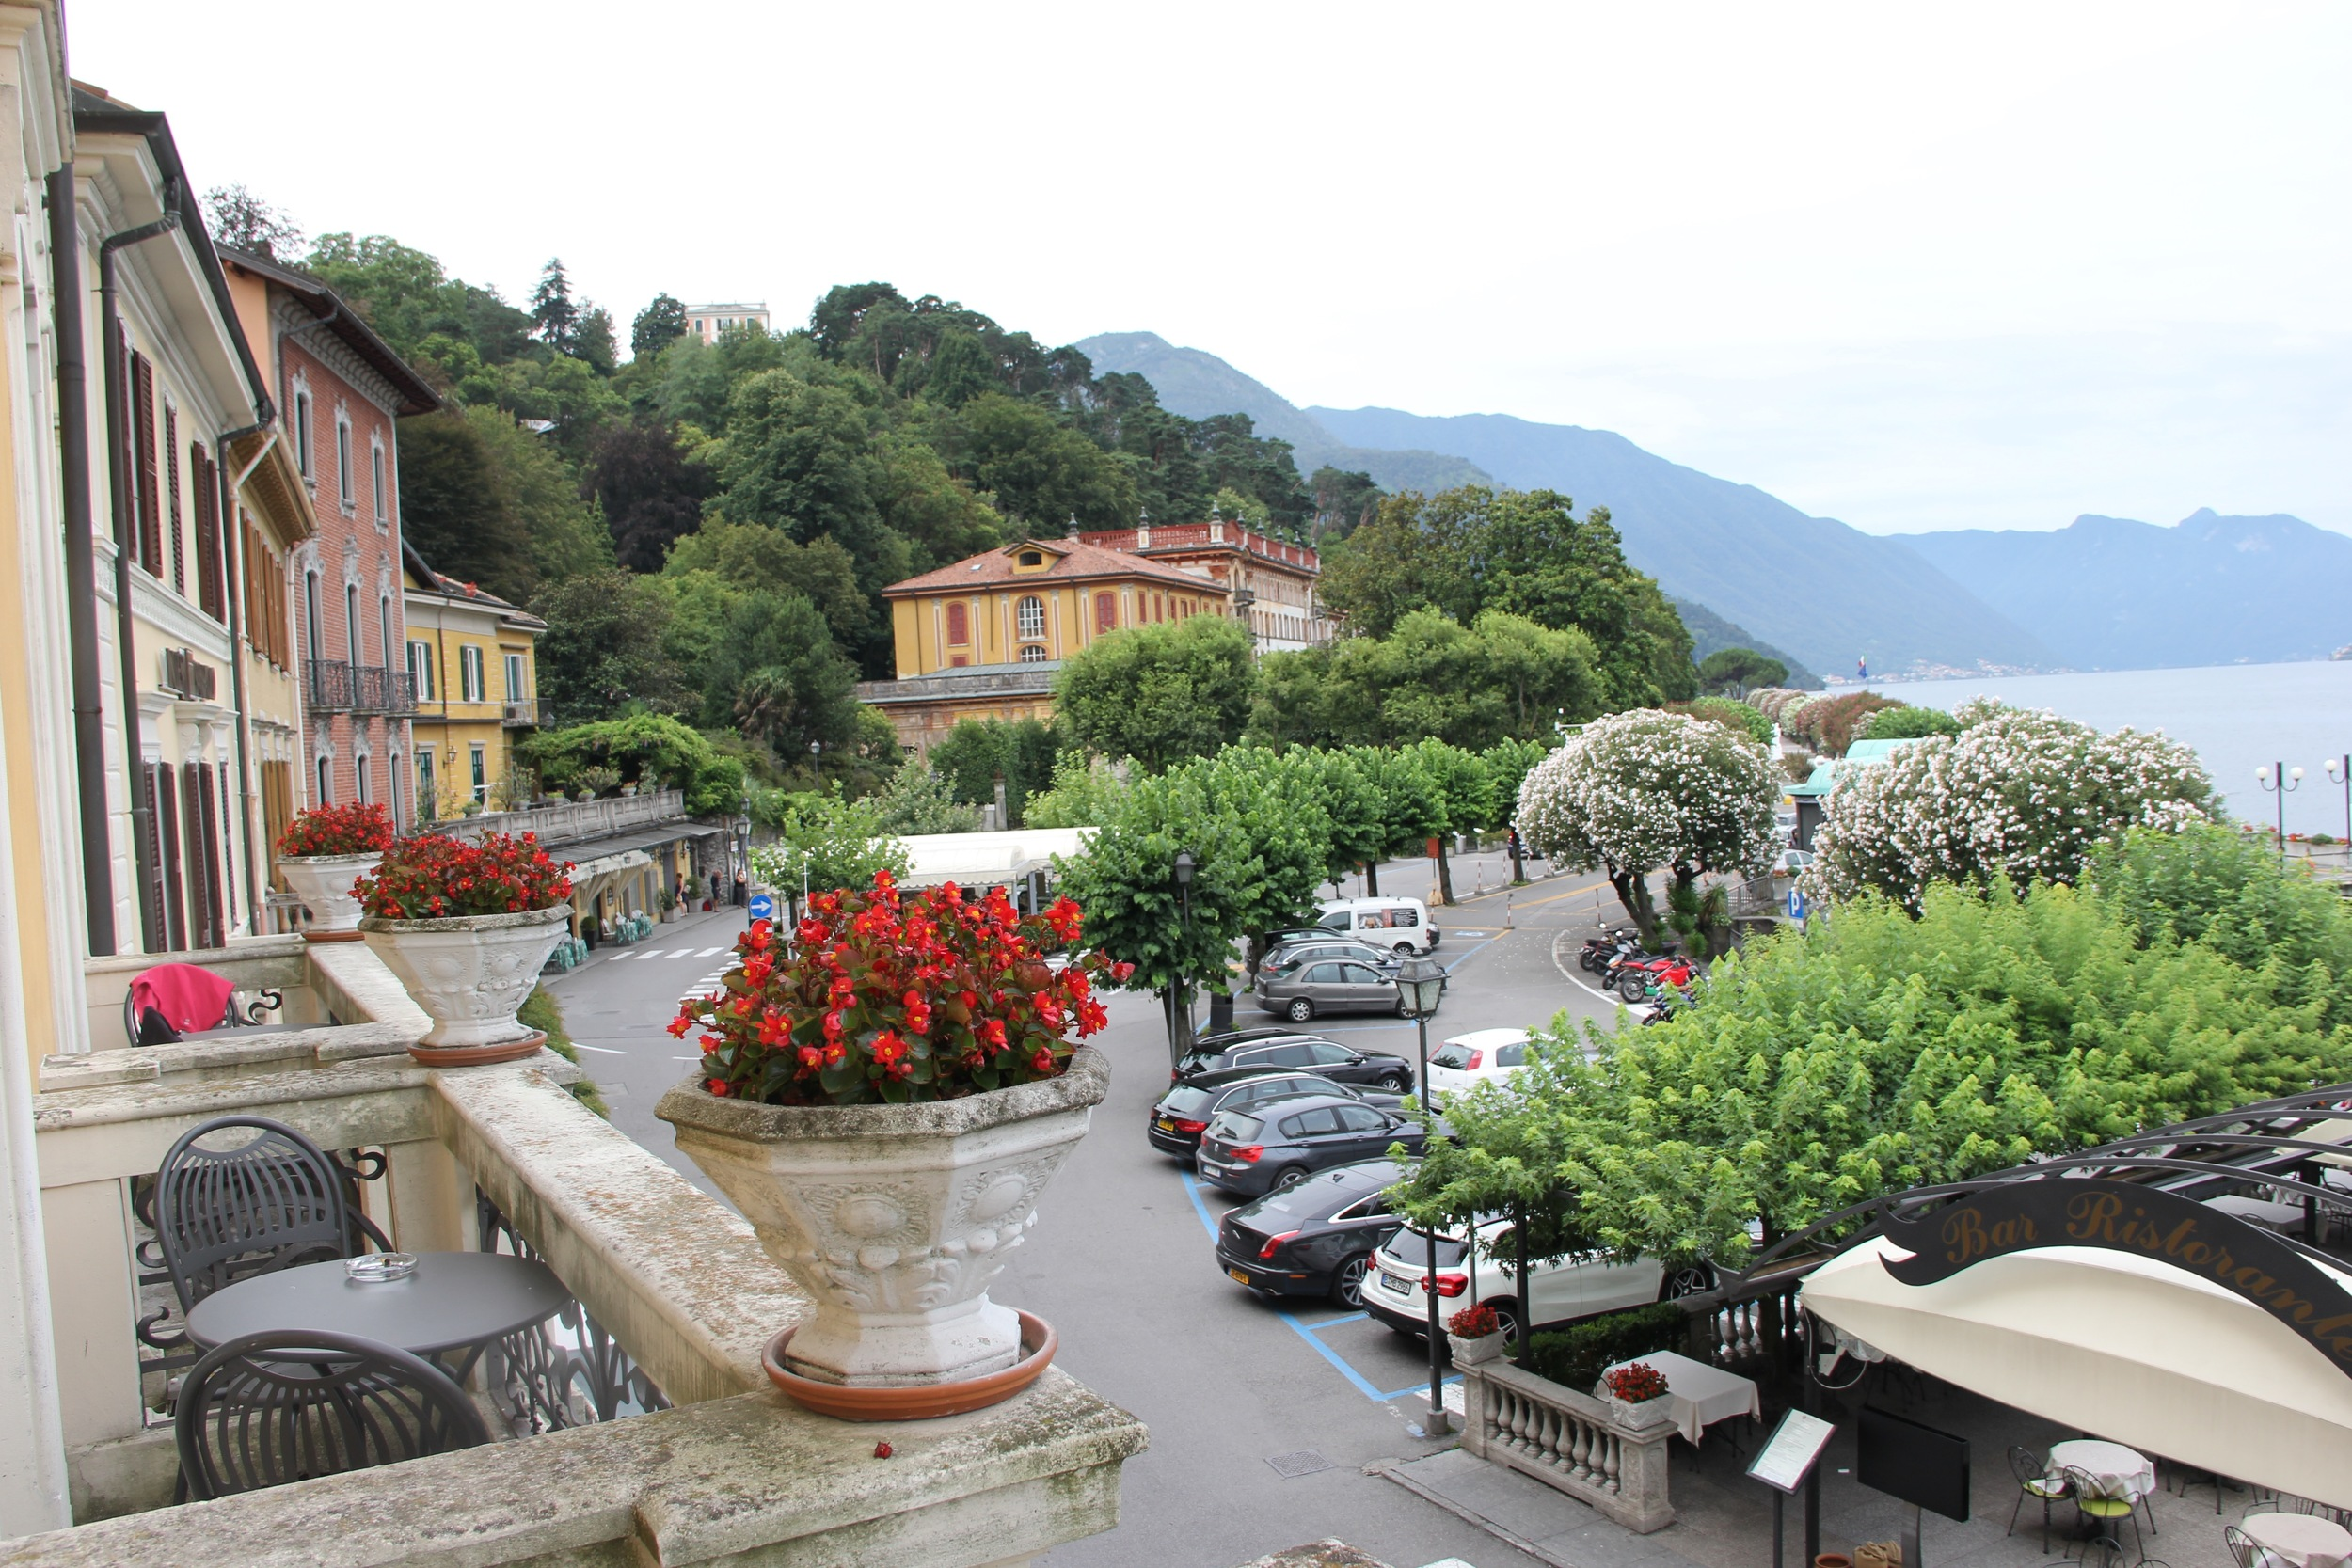 Bellagio is an elegant town full of faded grandeur